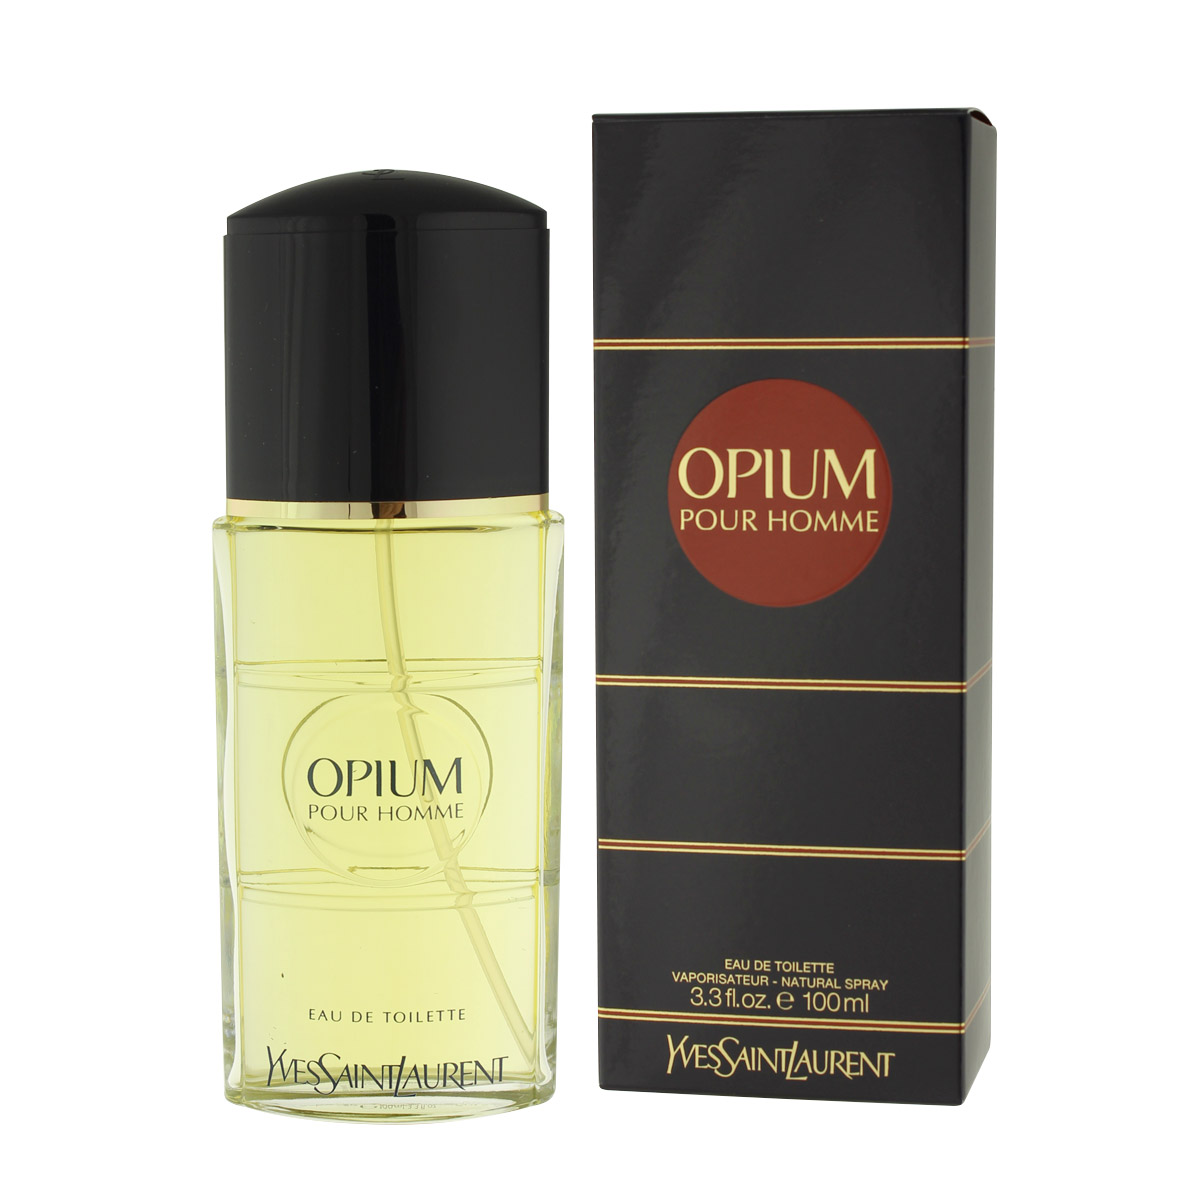 Yves Saint Laurent Opium Pour Homme EDT 100 ml M